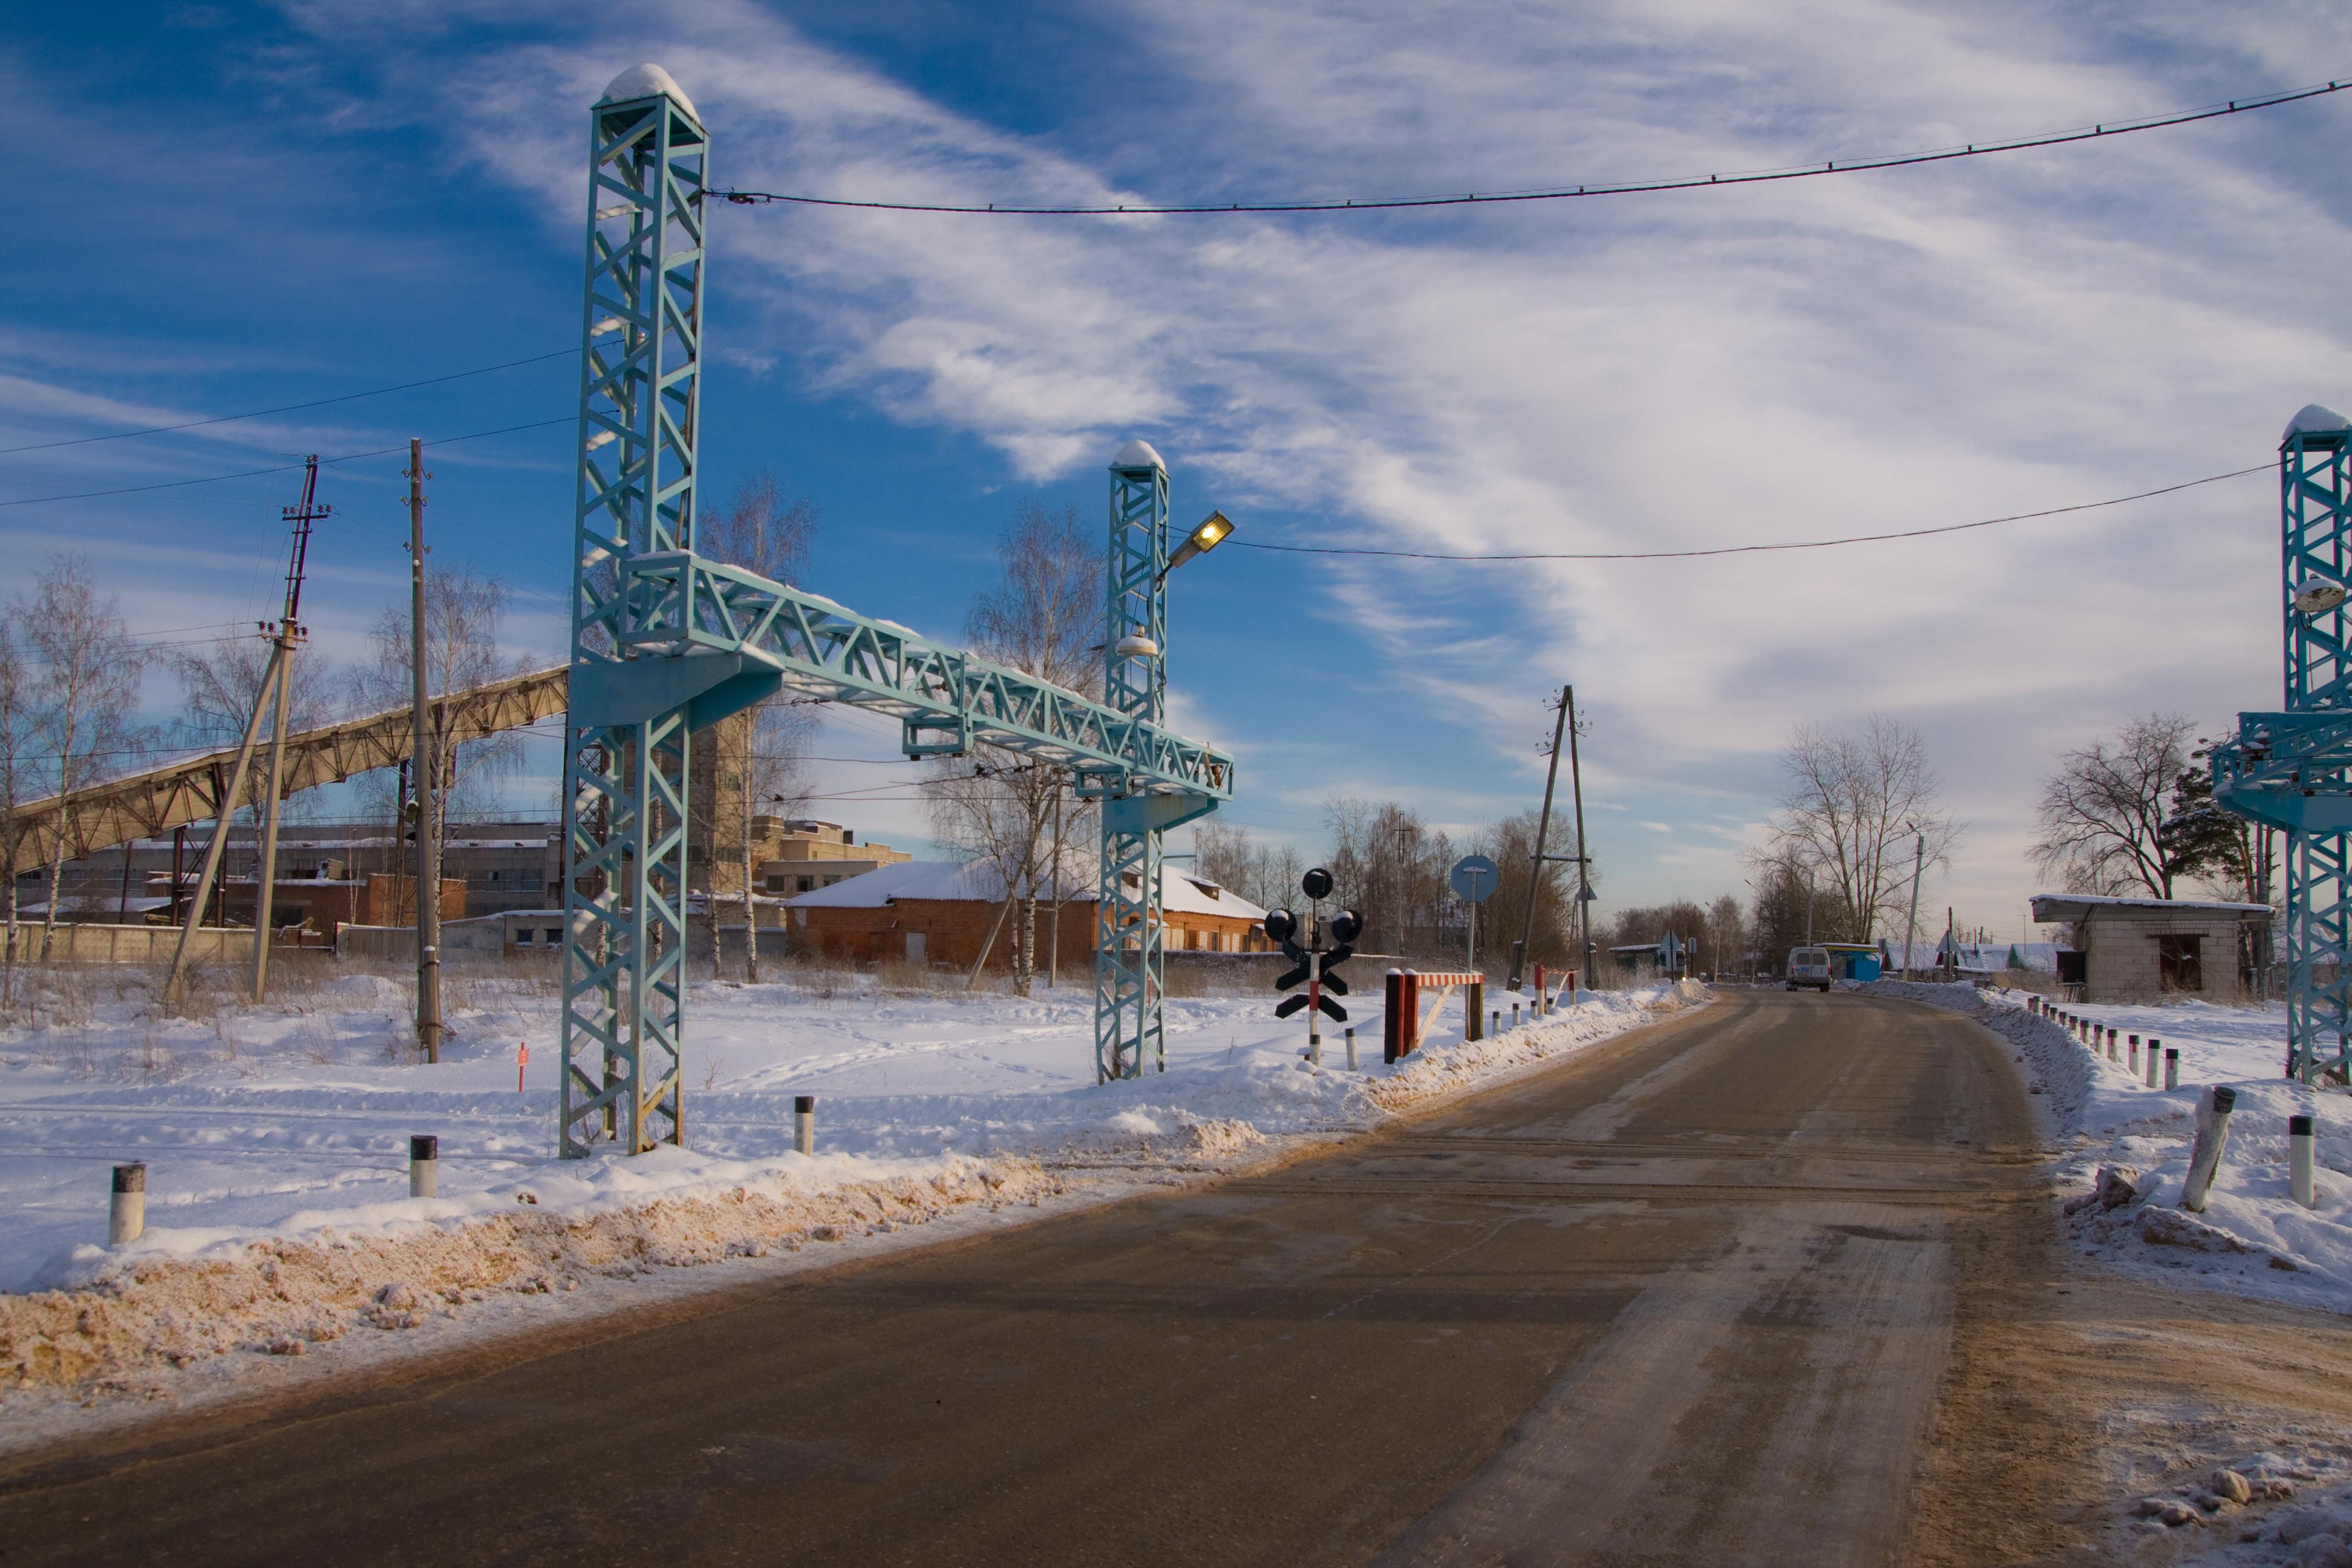 Иваново, Узкоколейная железная дорога с электрификацией, Ивановский силикатный завод, электричка Иваново